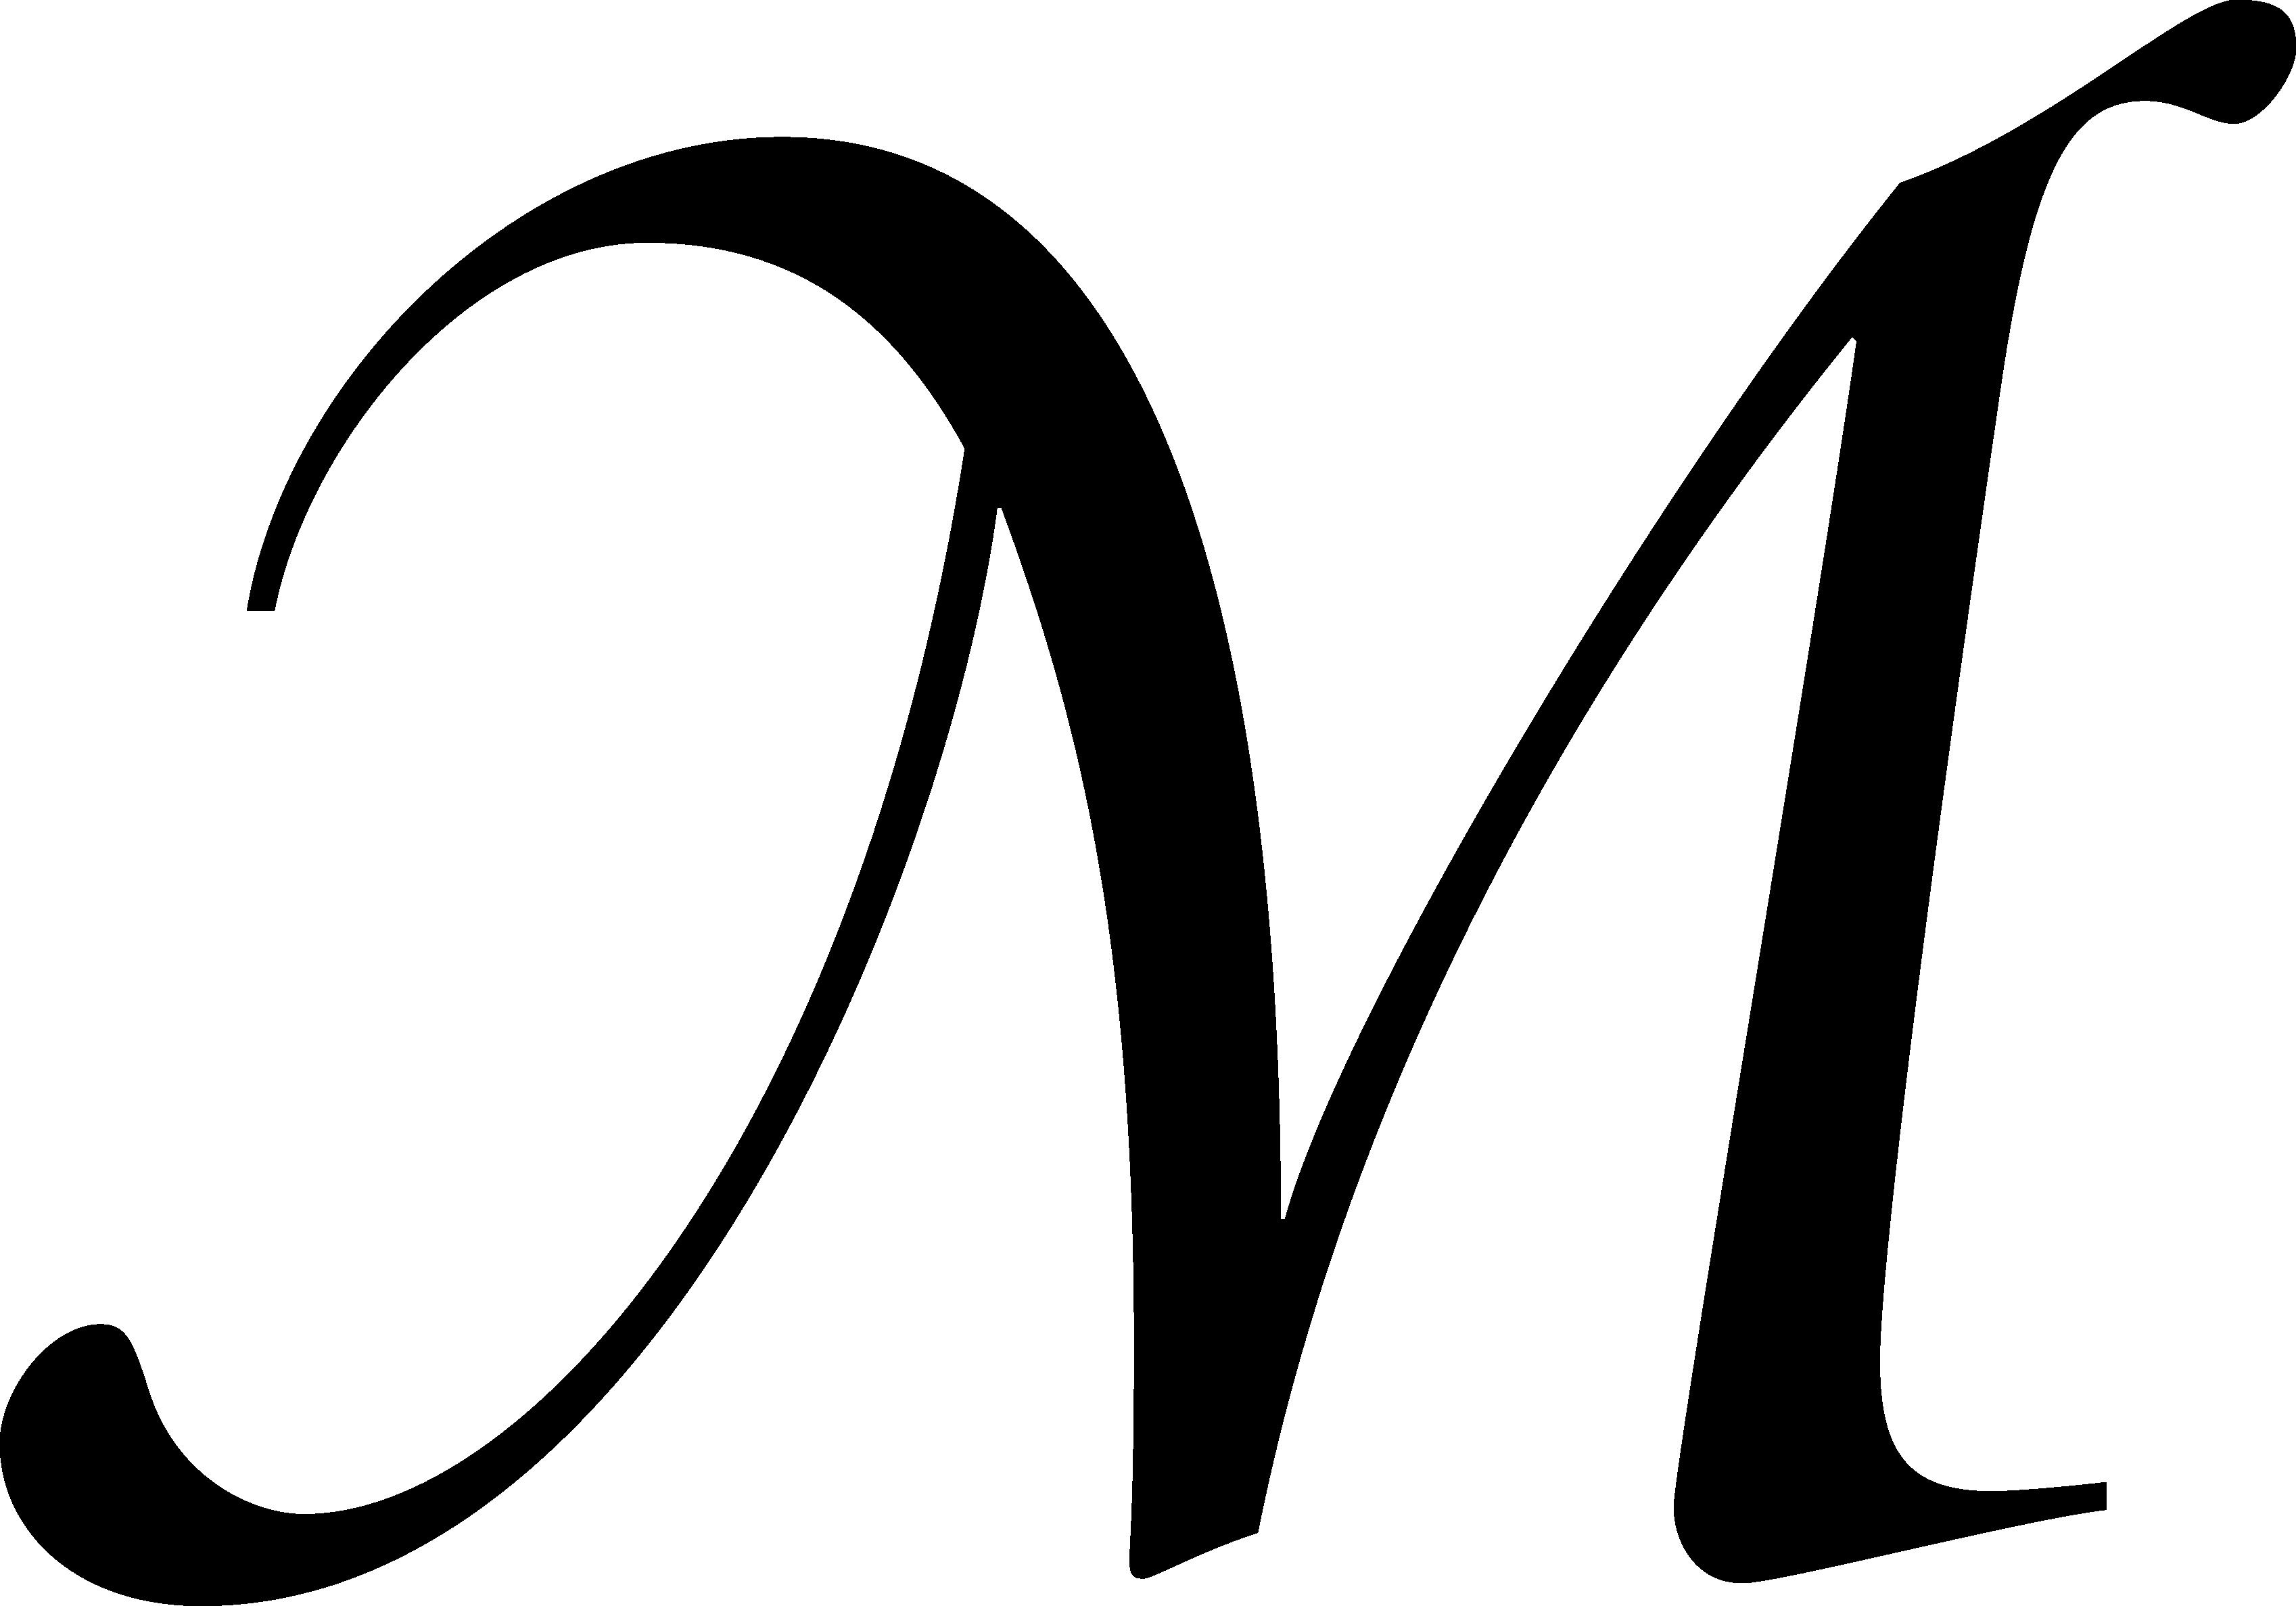 M&m clipart symbol Panda Clipart Images m&m Mail